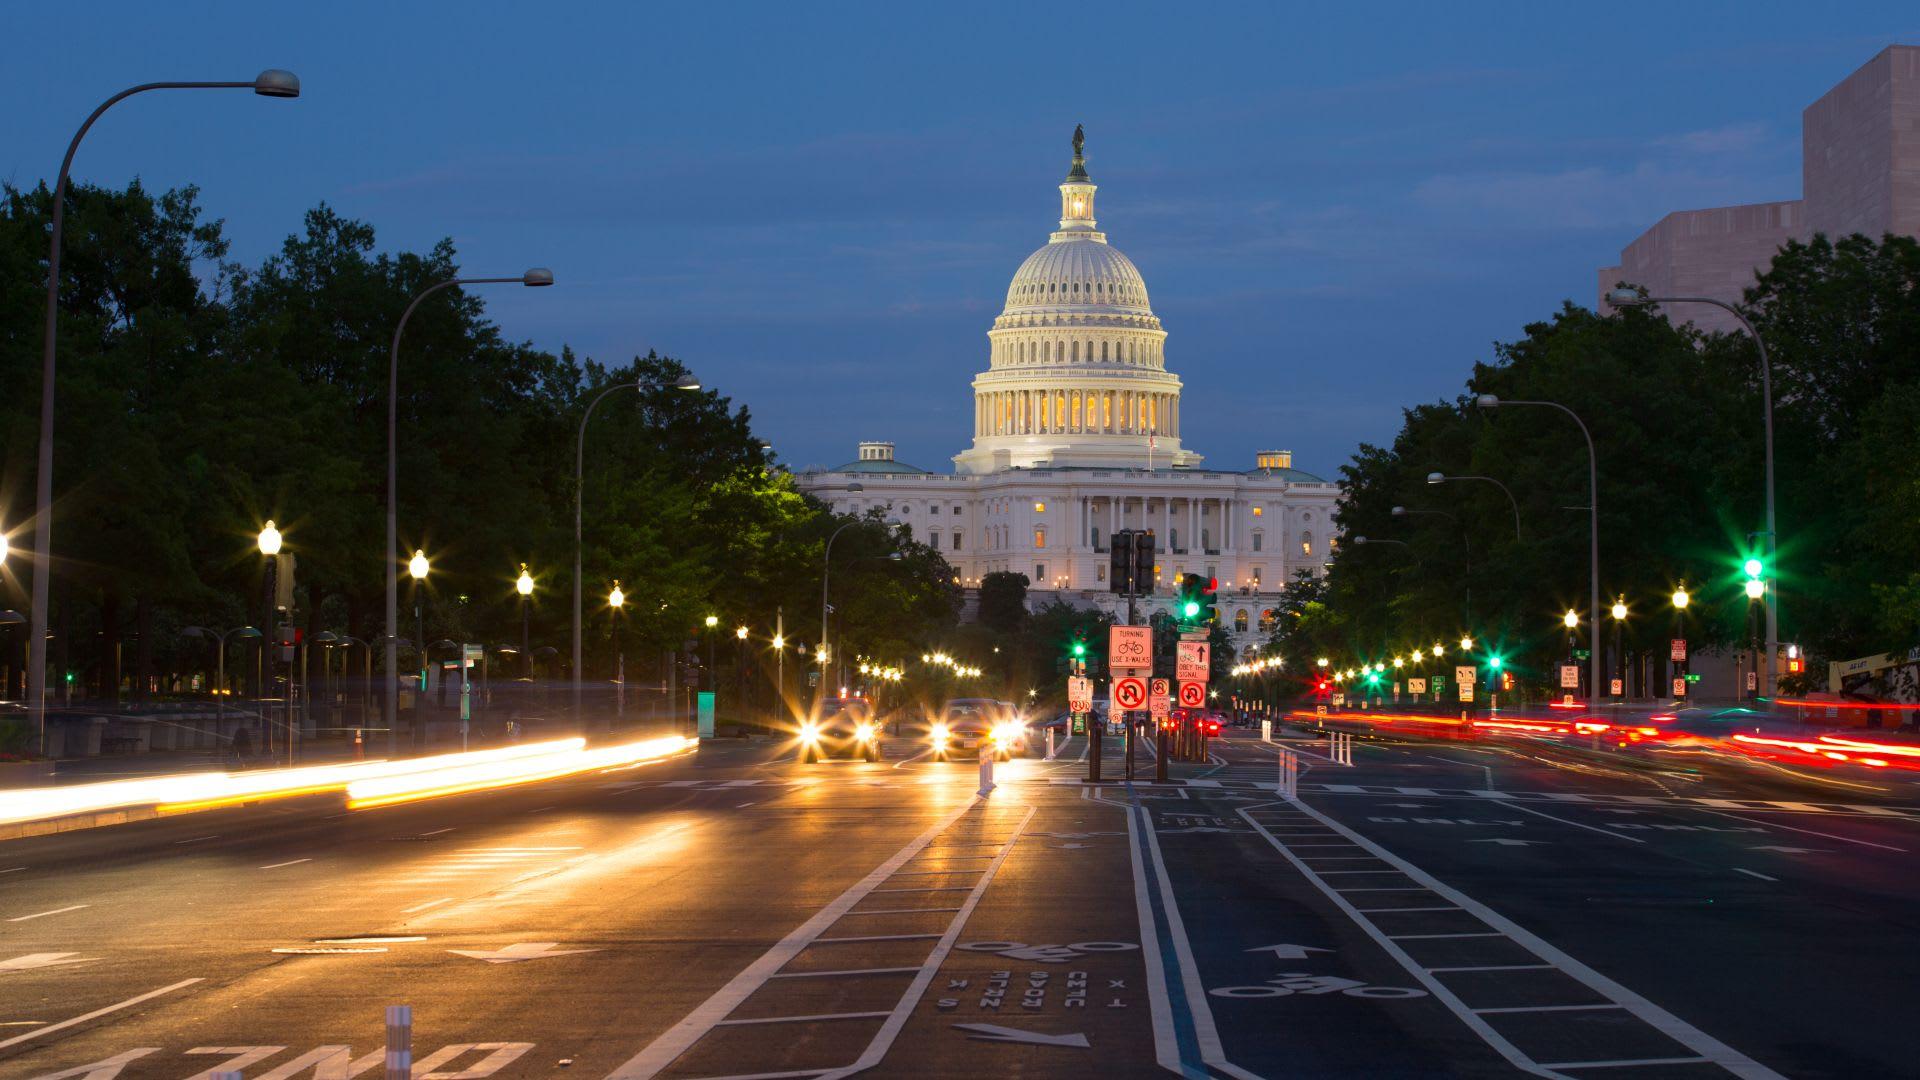 Washington D.C image